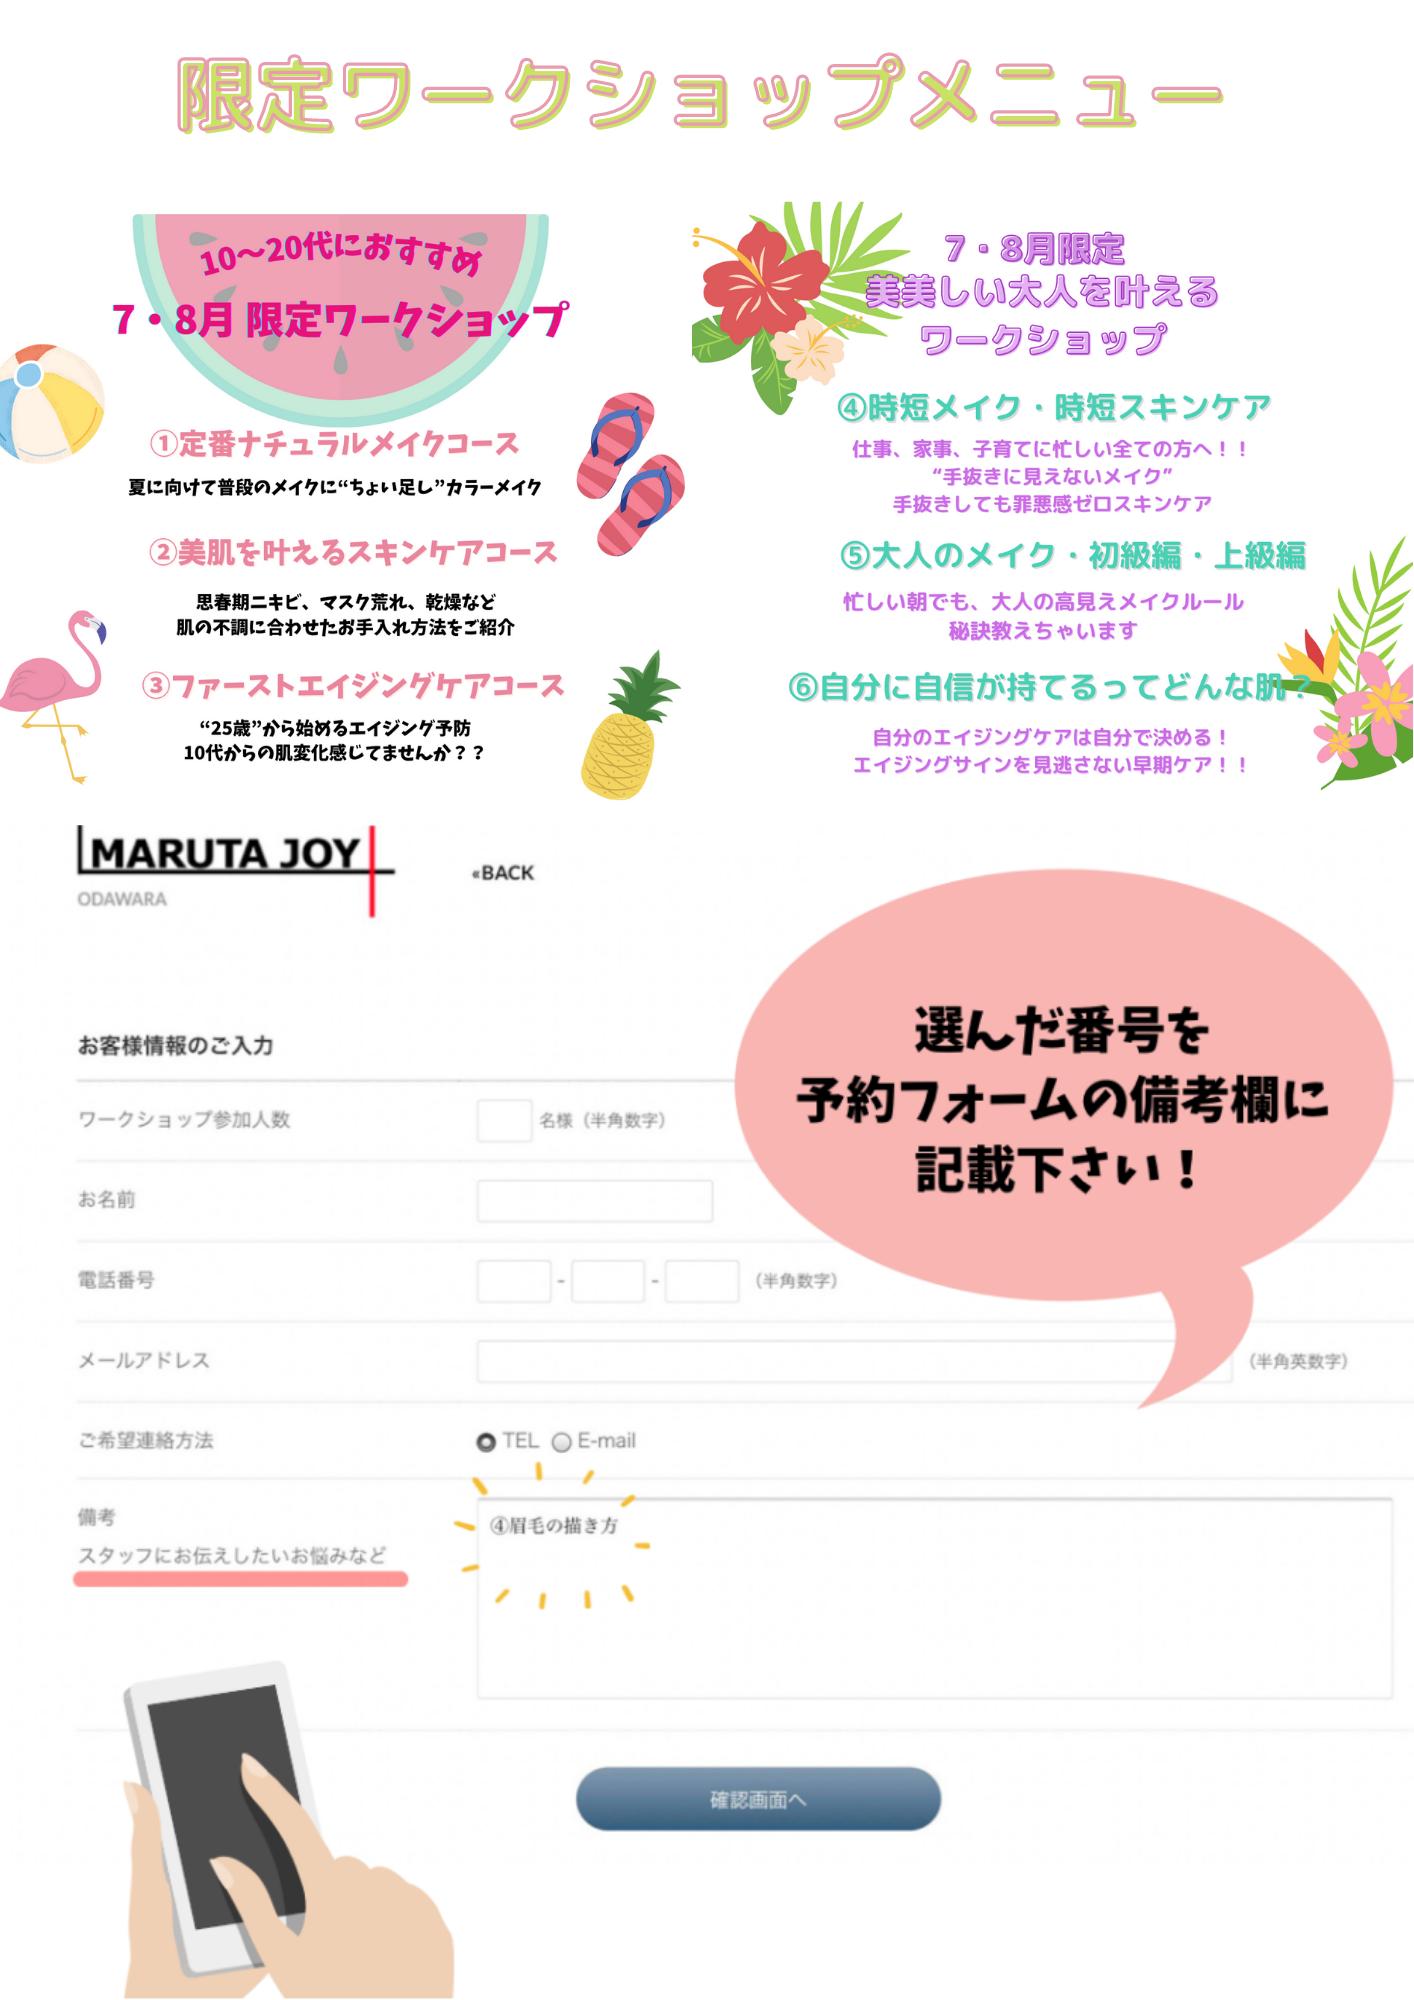 7.8月限定ワークショップ